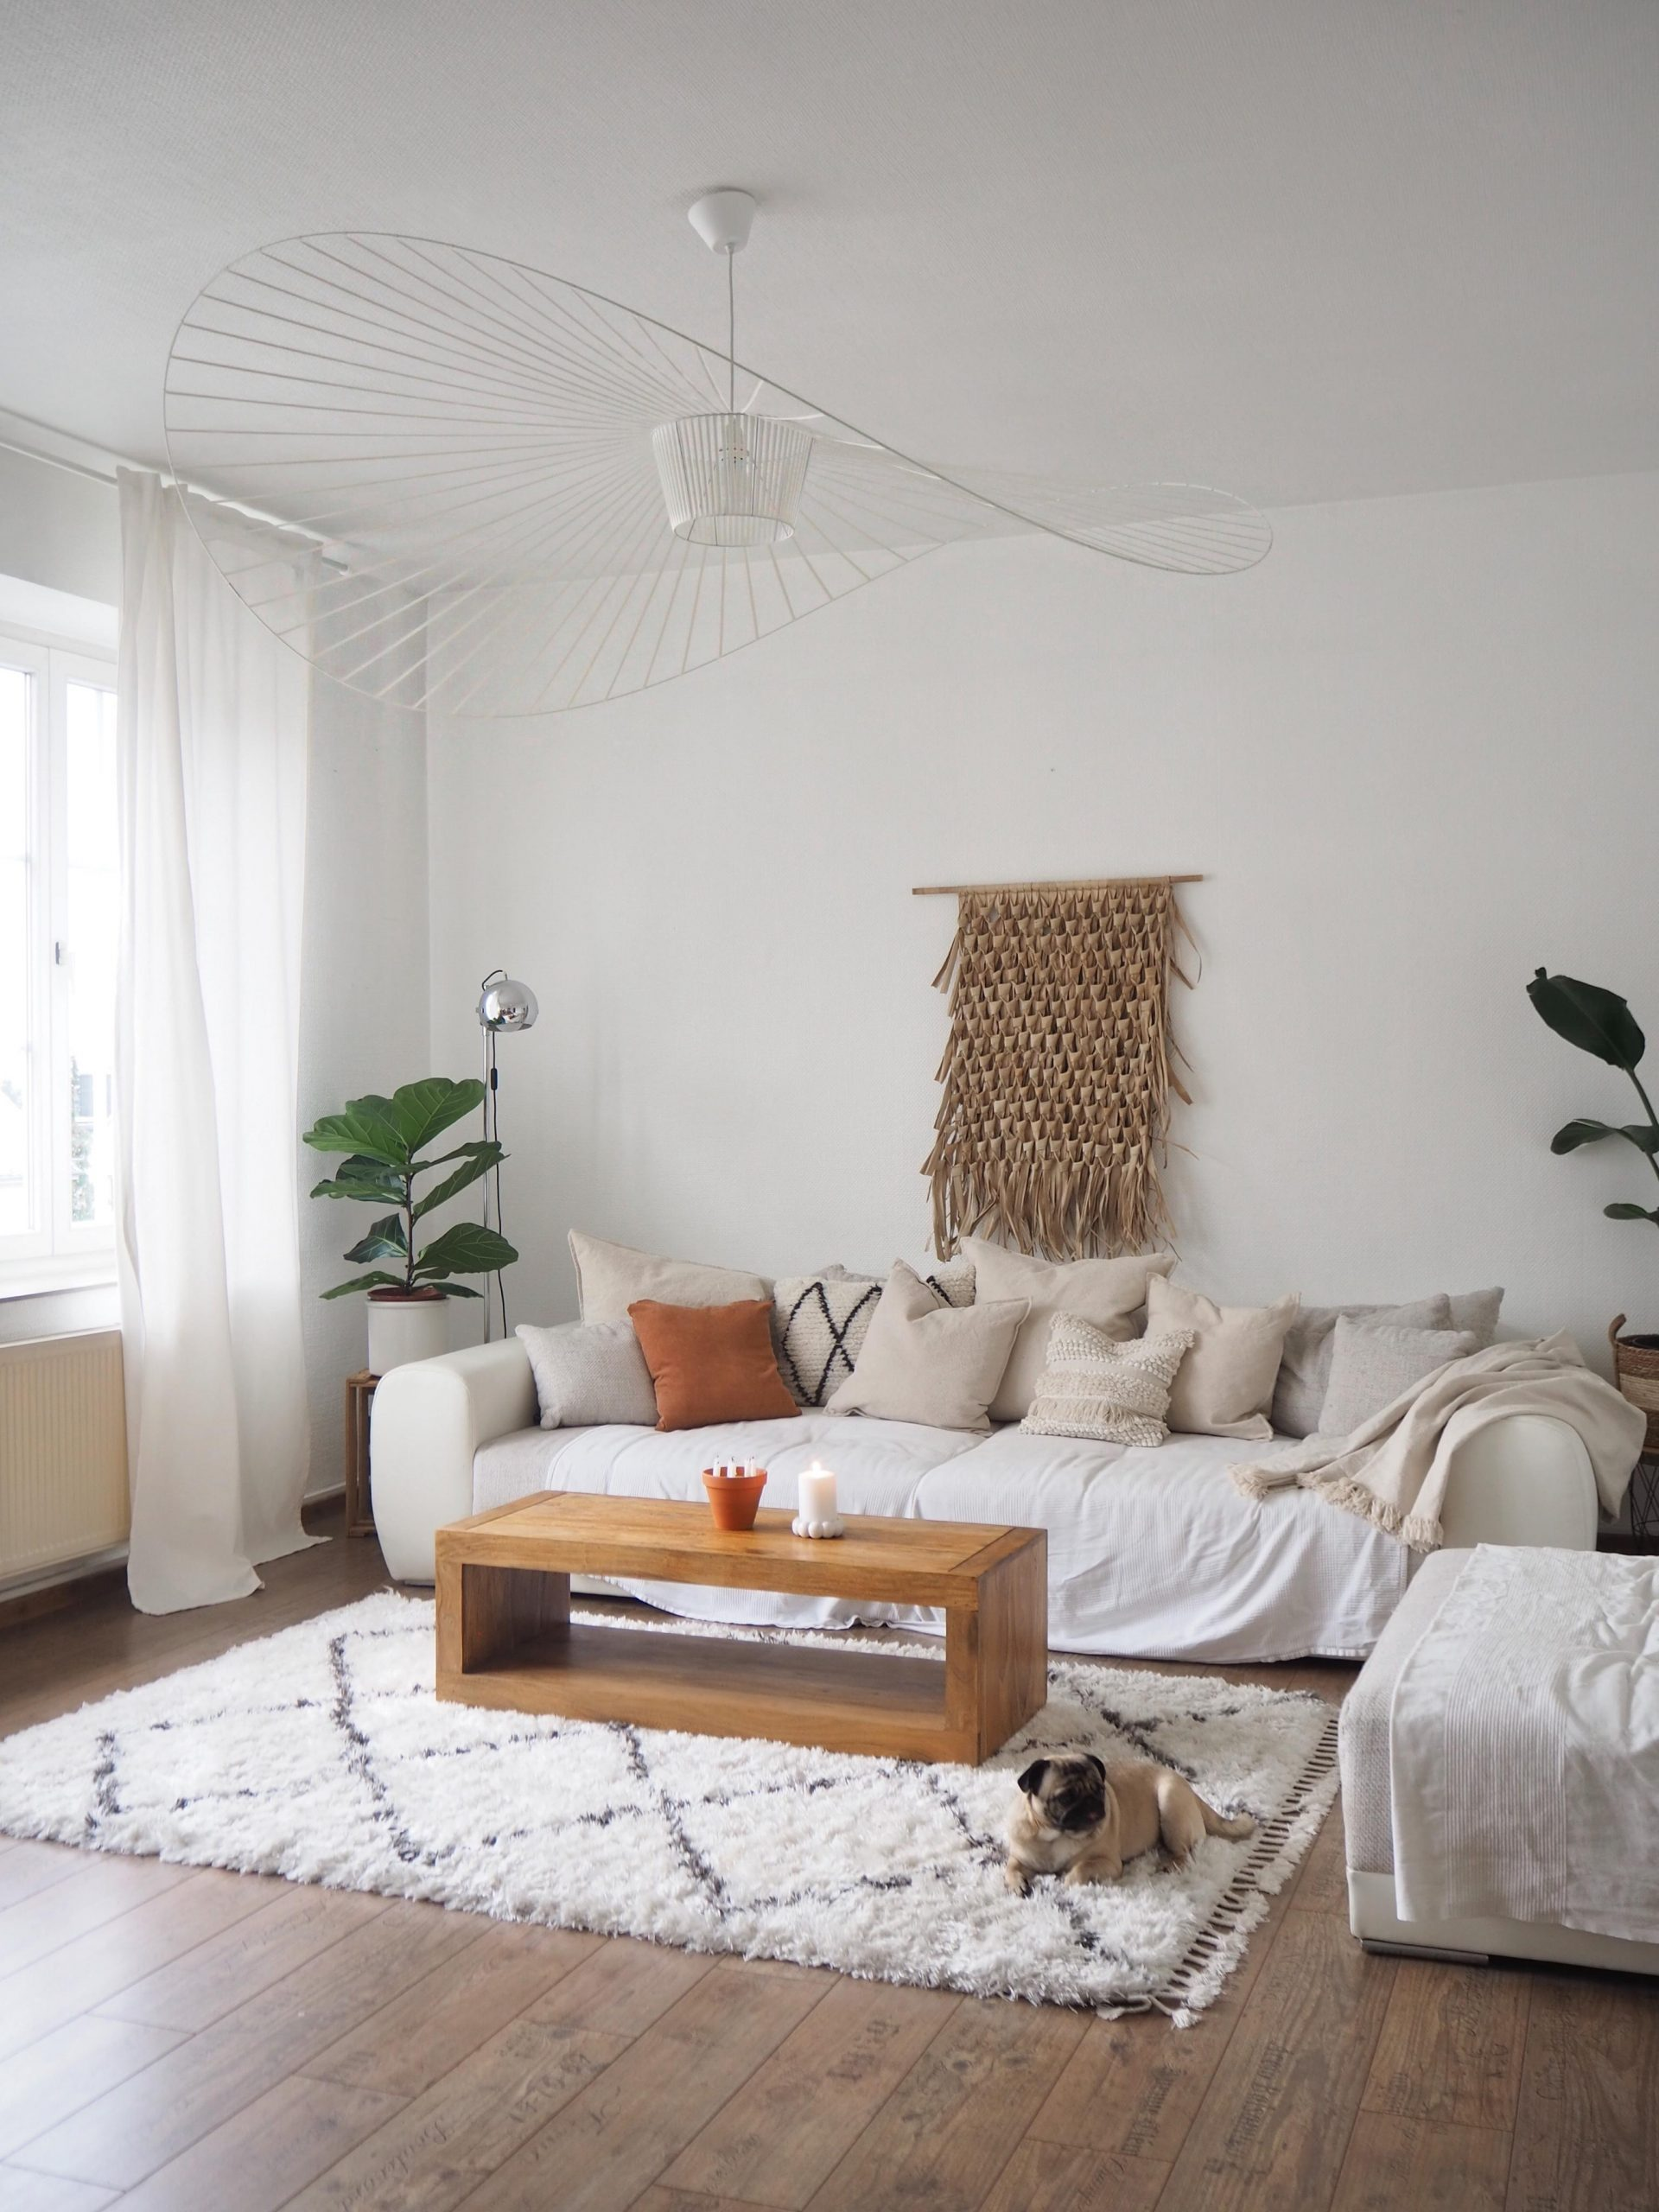 Full Size of Lampen Ideen Finde Deine Deckenleuchte Bei Couch Decke Wohnzimmer Deckenlampen Für Deckenleuchten Modern Badezimmer Tagesdecken Betten Deckenstrahler Decken Wohnzimmer Holzlampe Decke